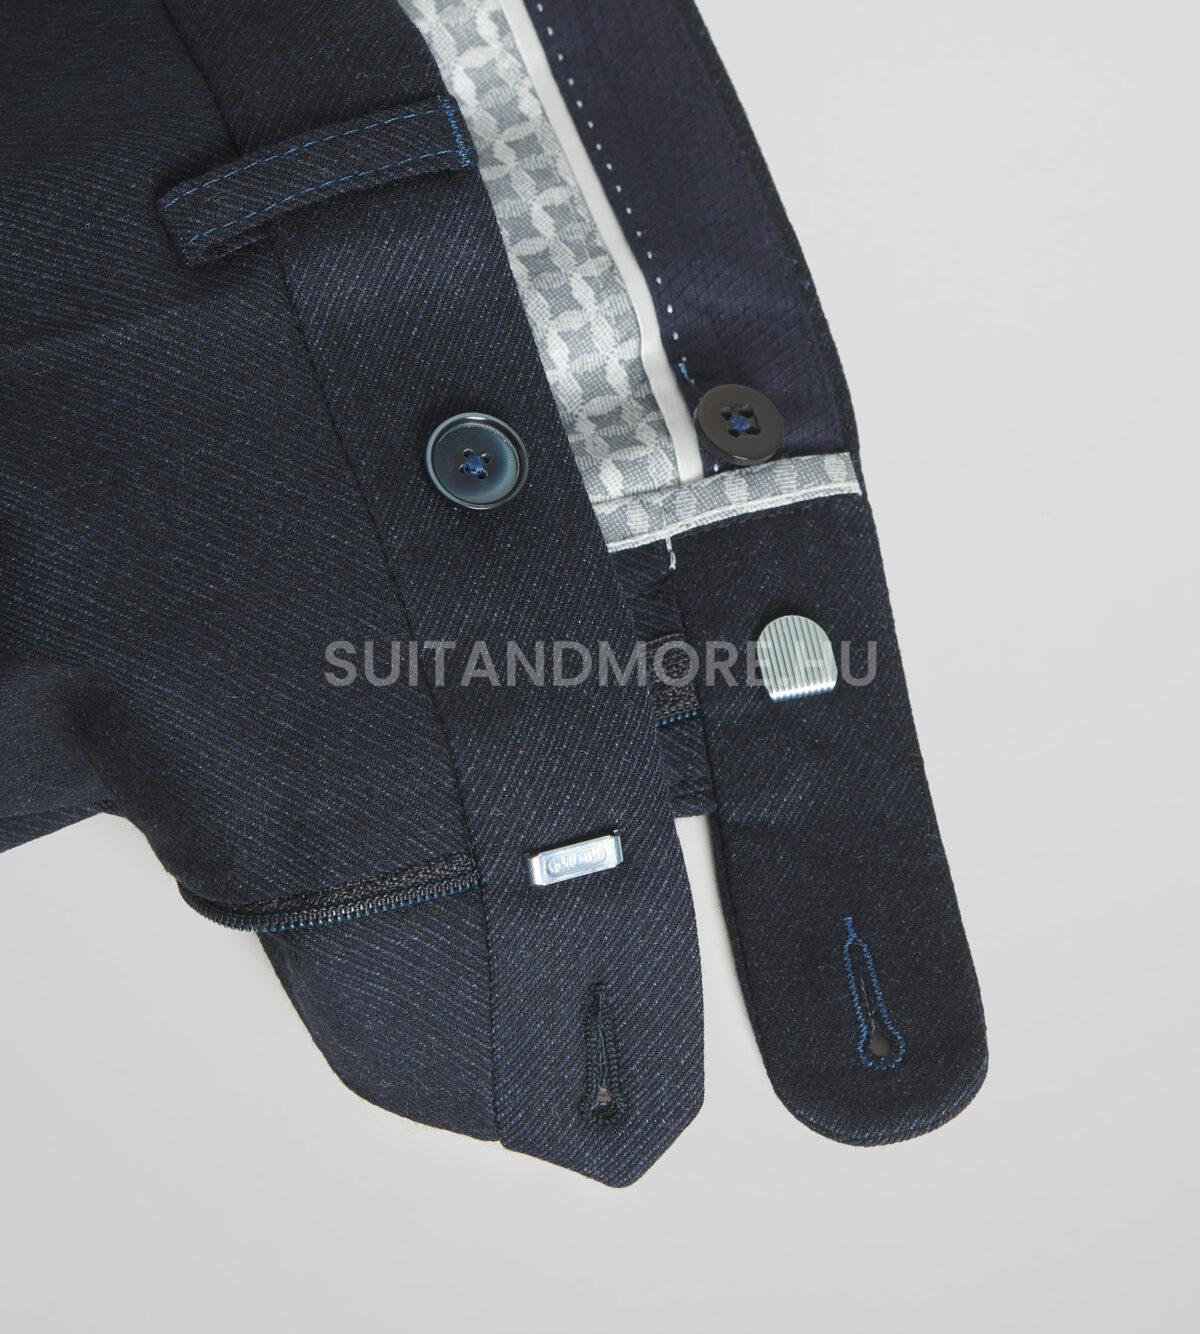 sötétkék-modern-fit-gyapjú-kevert-szövetnadrág-SERGIO-1281243-22-04